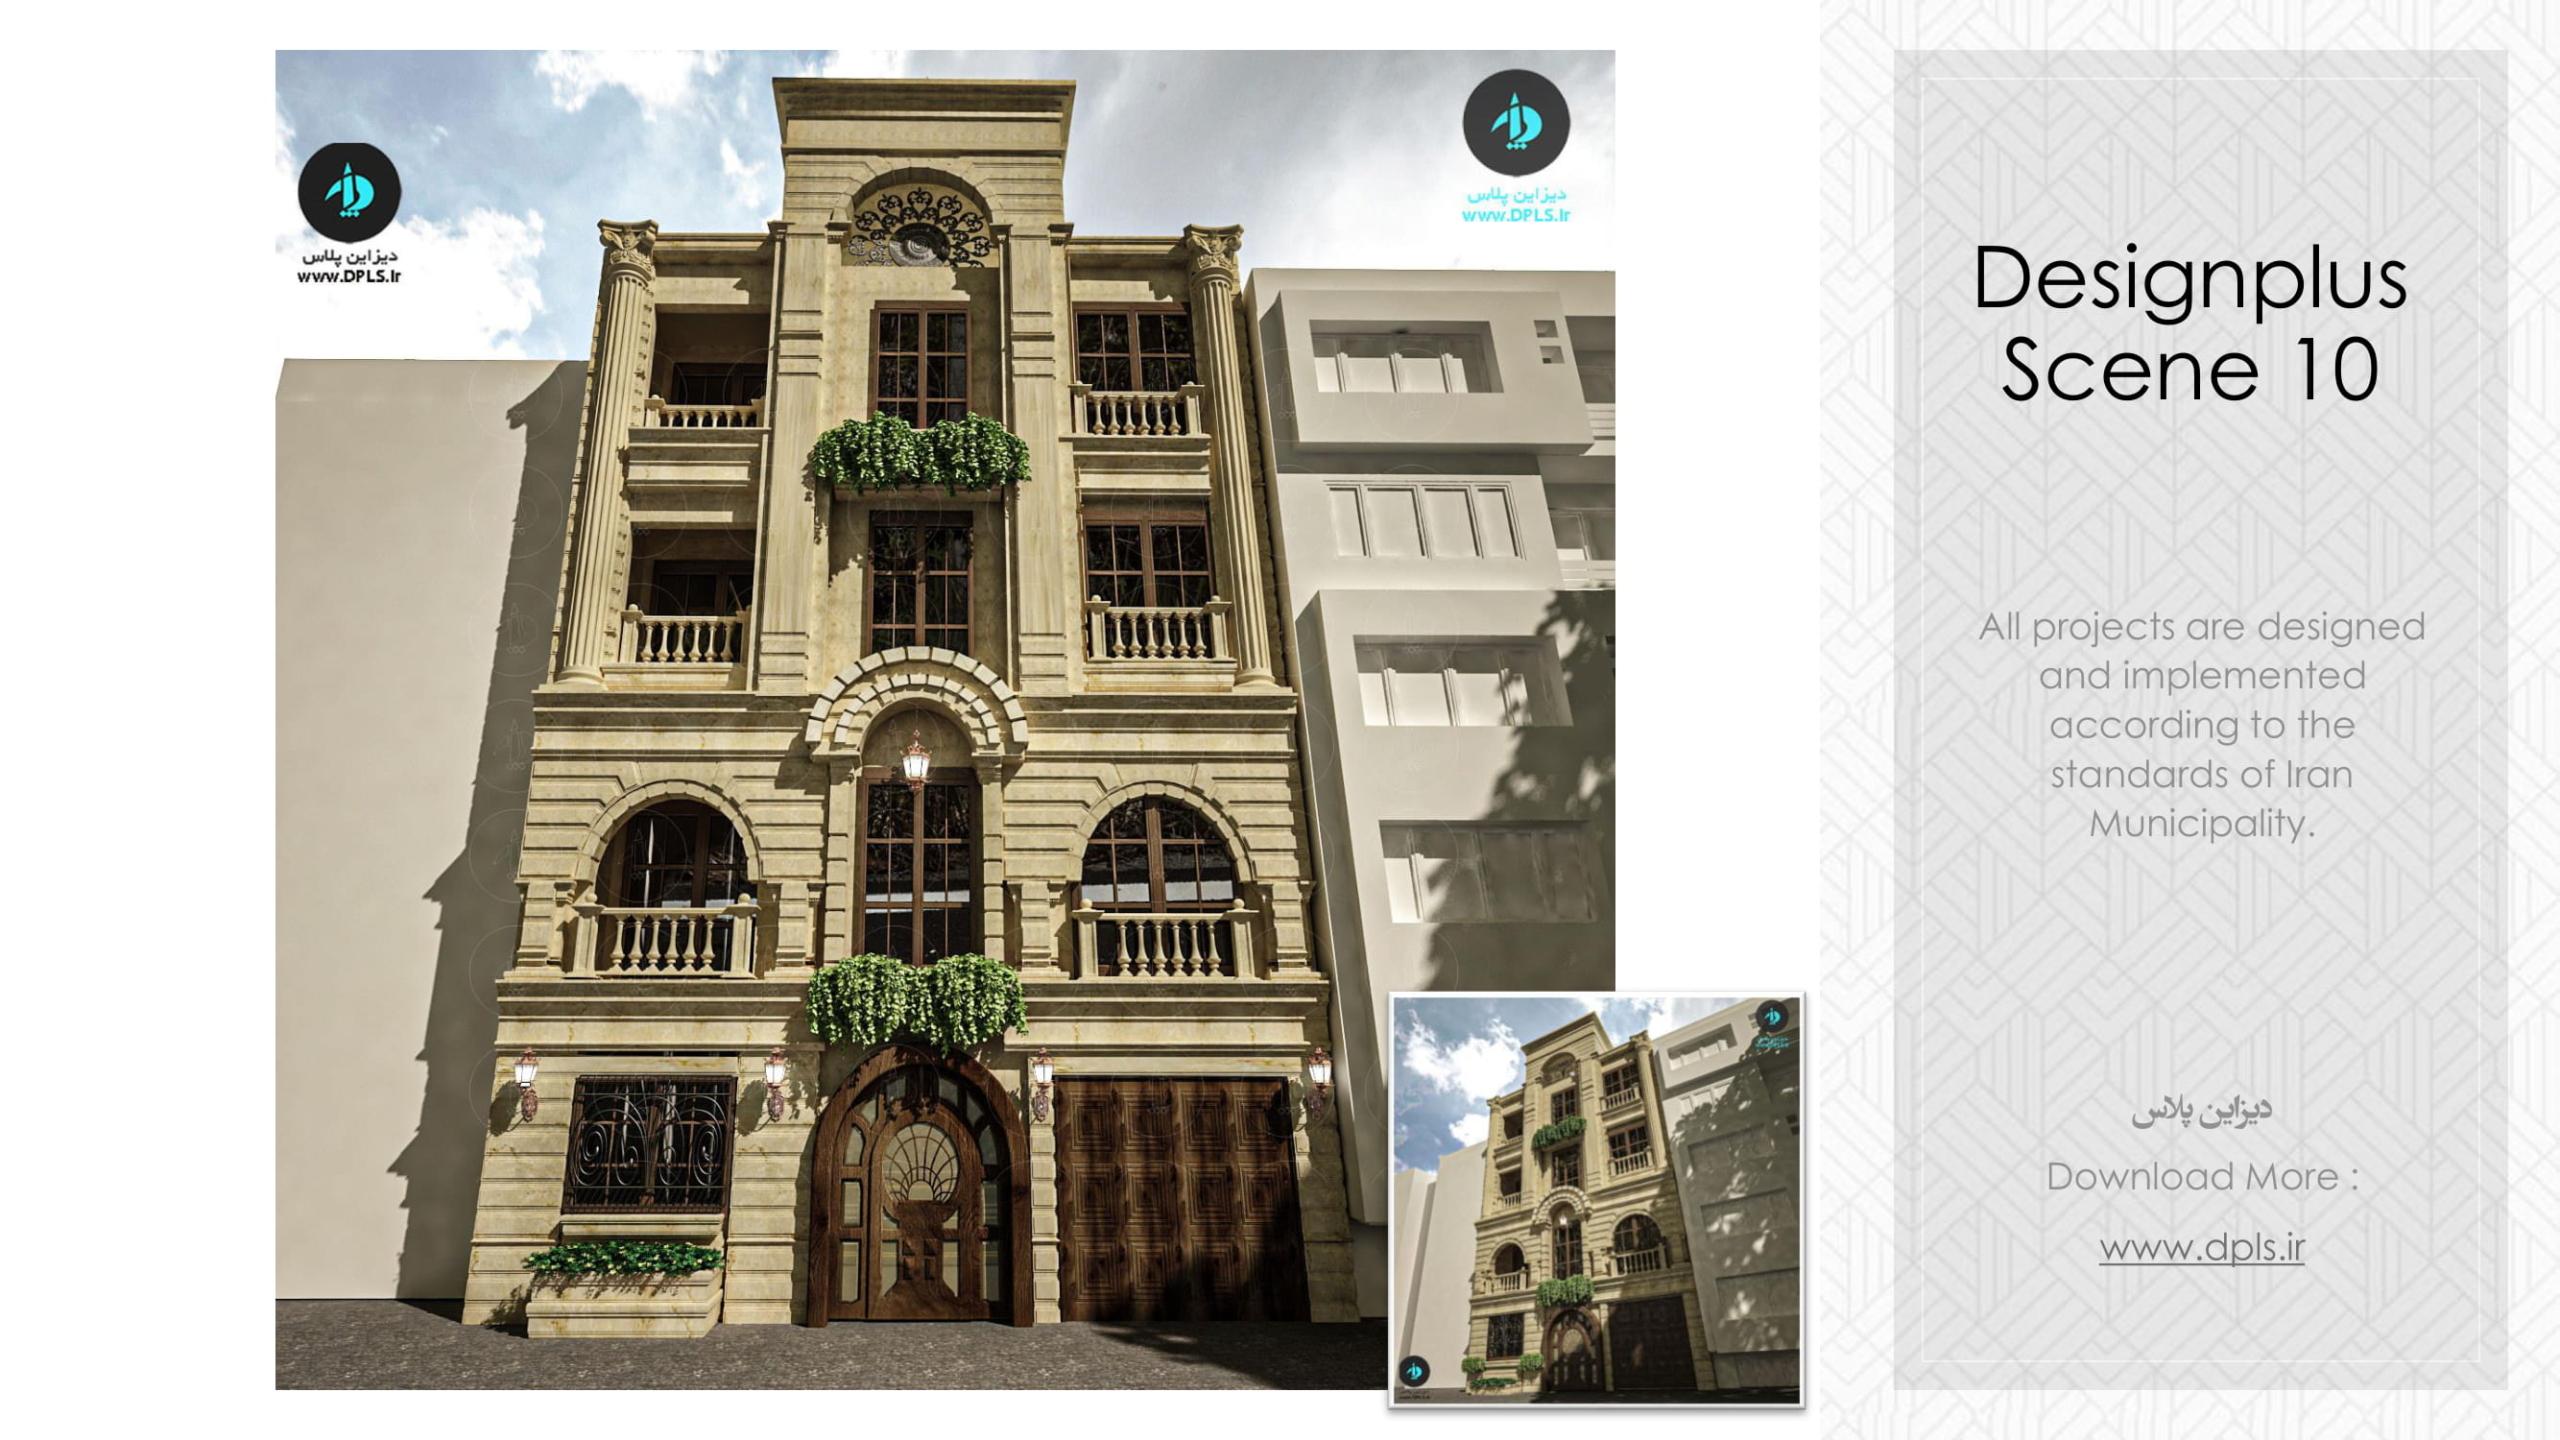 نما کلاسیک و رومی 6 scaled - استودیو هنر و معماری دیزاین پلاس